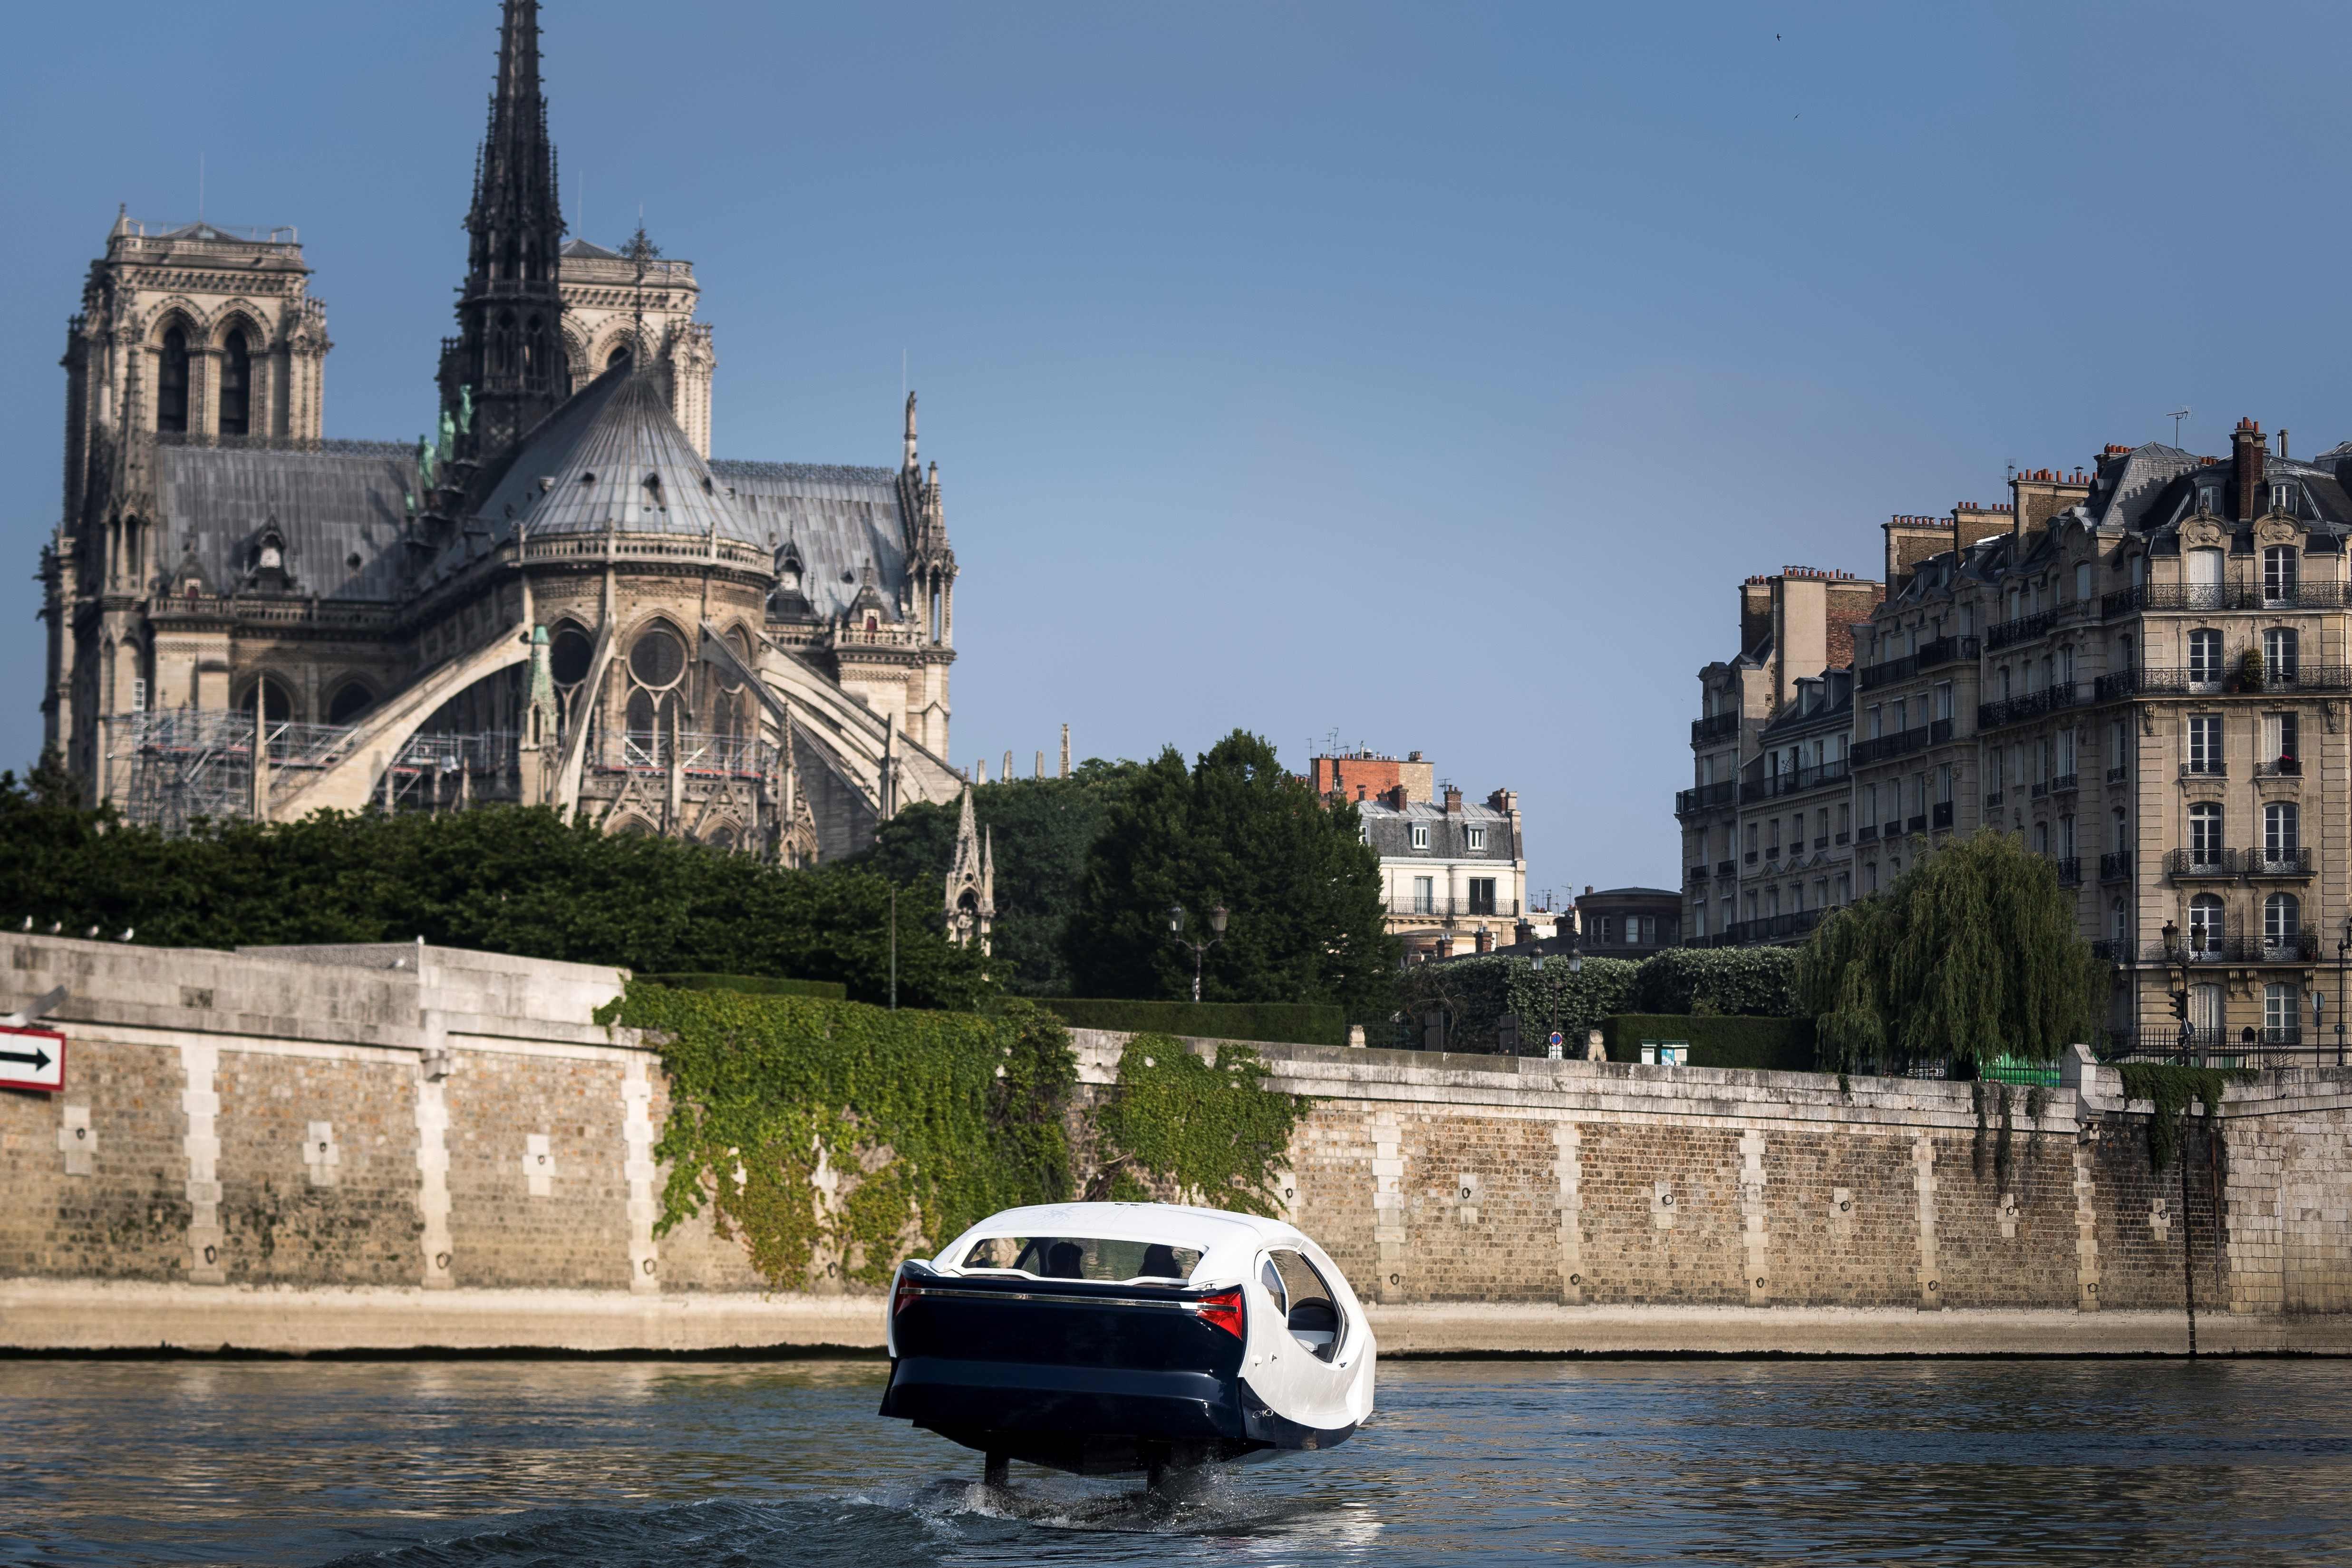 رحلة تجريبية للتاكسى الطائر فى نهر السين بفرنسا